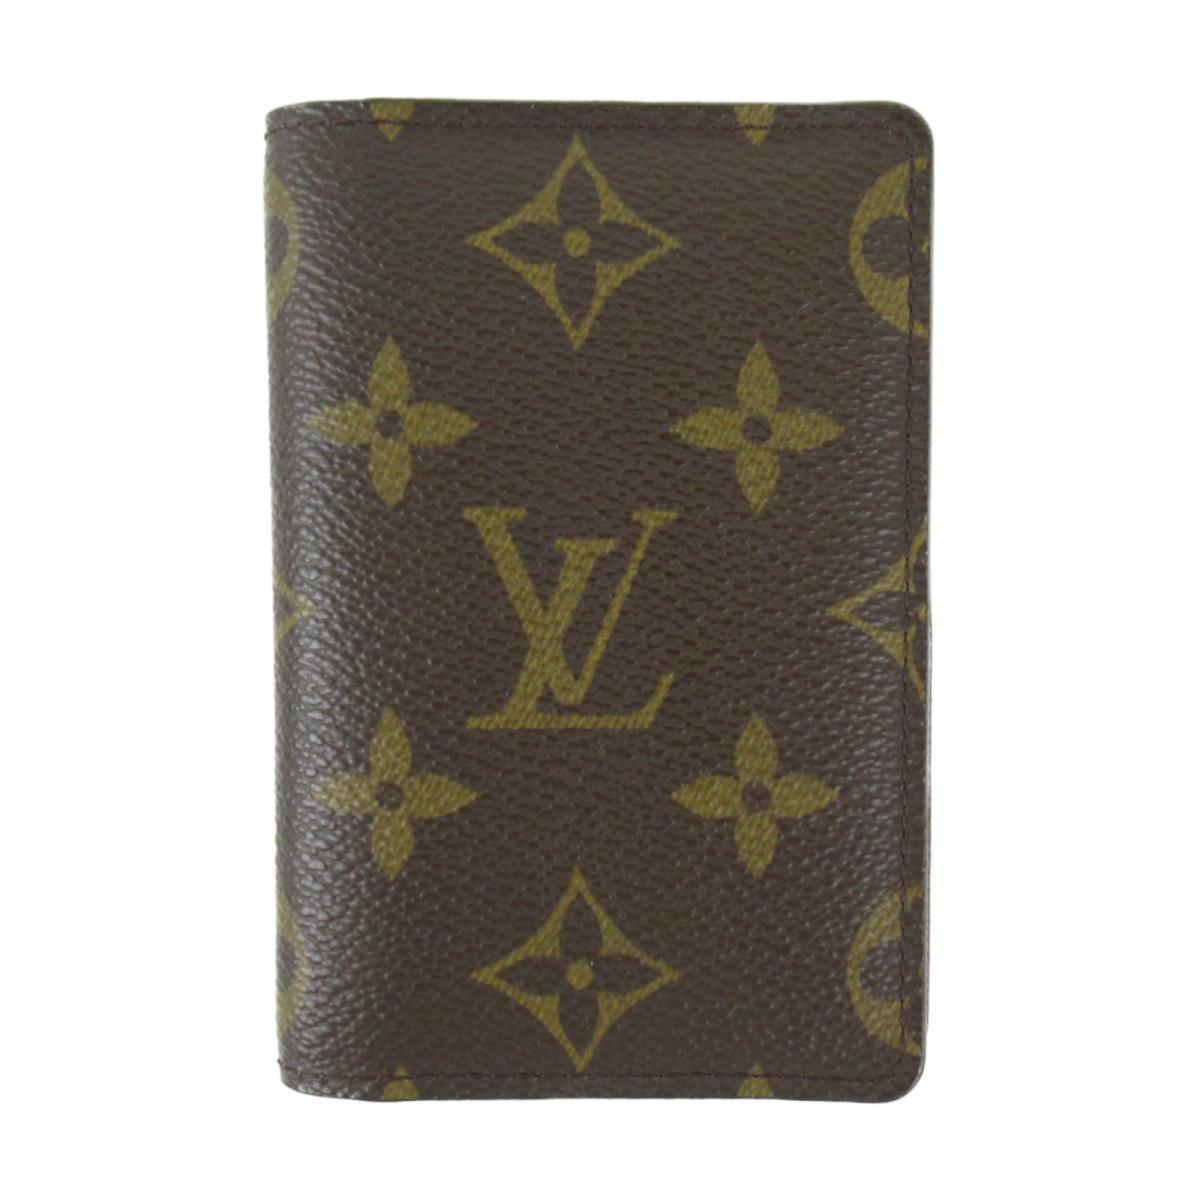 【中古】ルイヴィトン オーガナイザードゥポッシュ カードケース 財布 ユニセックス モノグラム モノグラム (M61732)